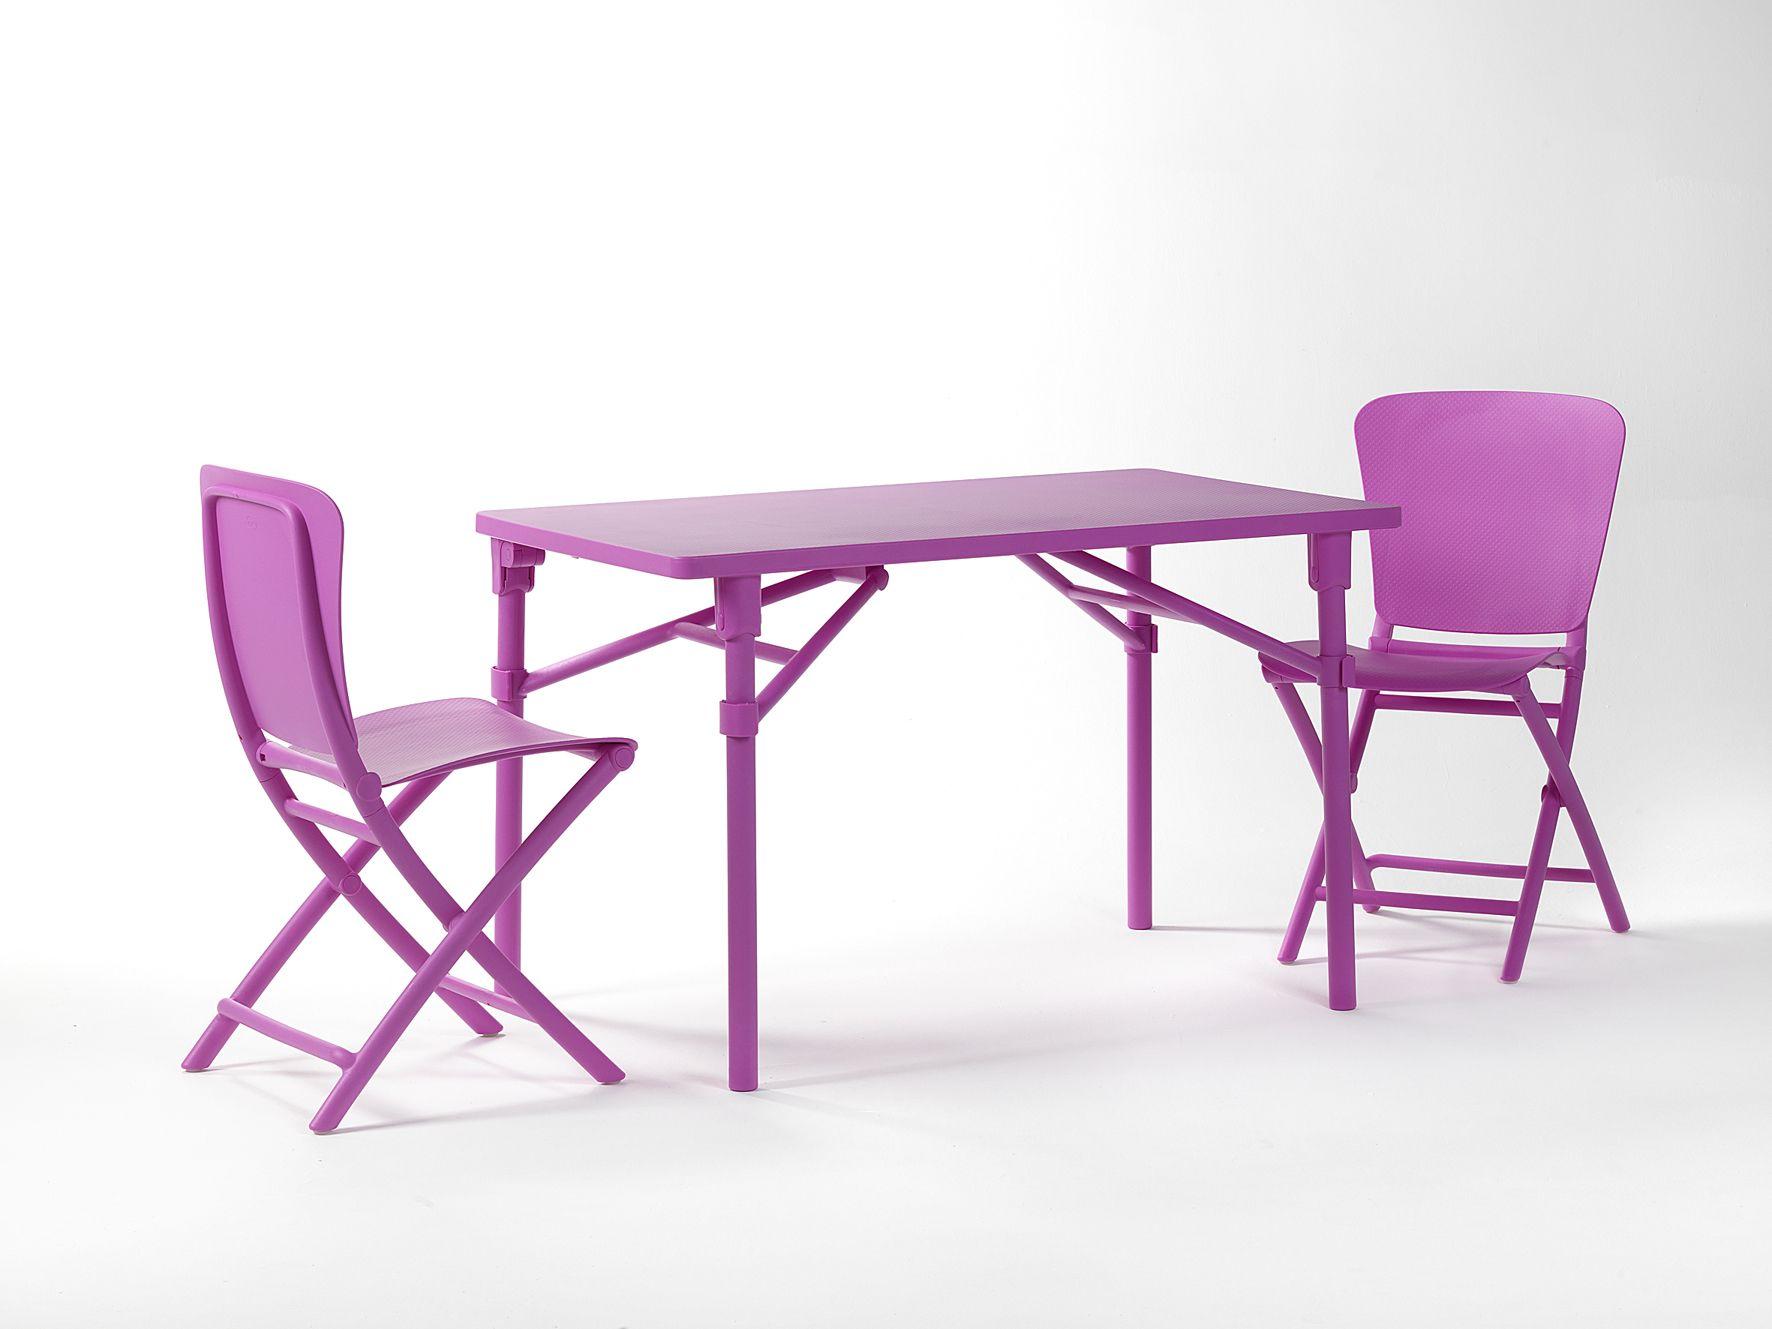 Mobilier de jardin Nardi : l\'ensemble table et chaises coloré ...